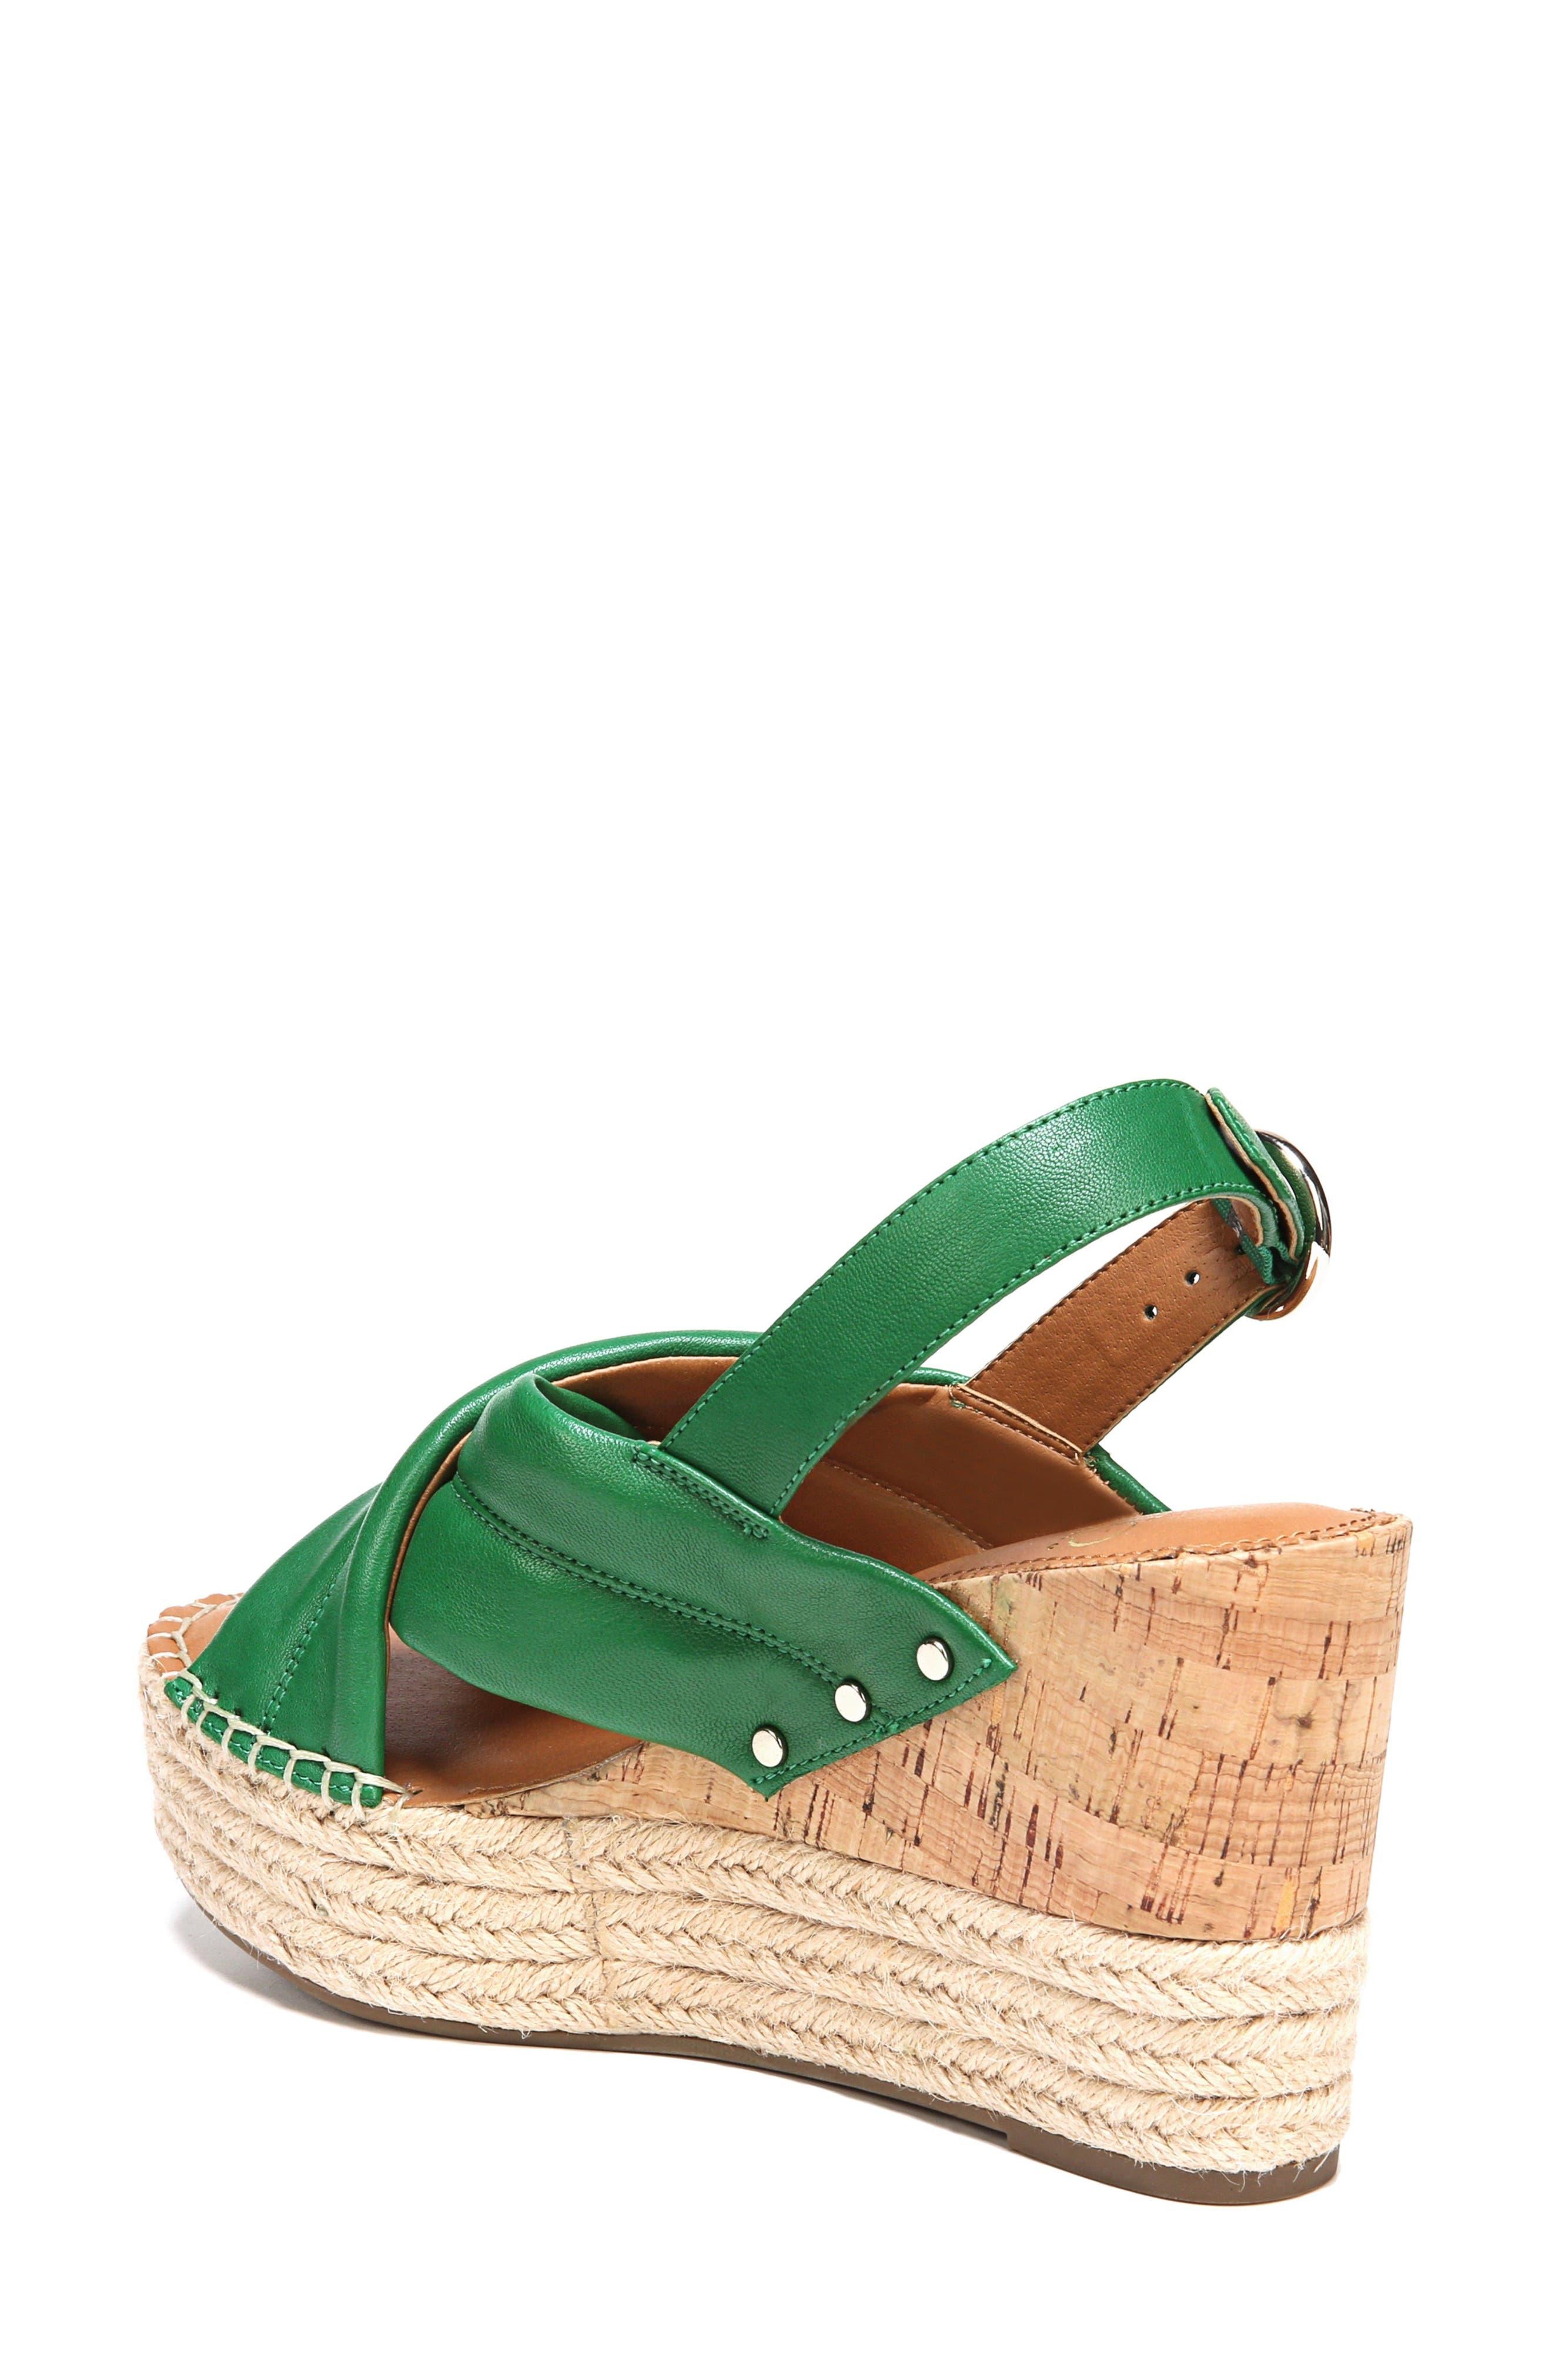 Niva Espadrille Wedge Sandal,                             Alternate thumbnail 7, color,